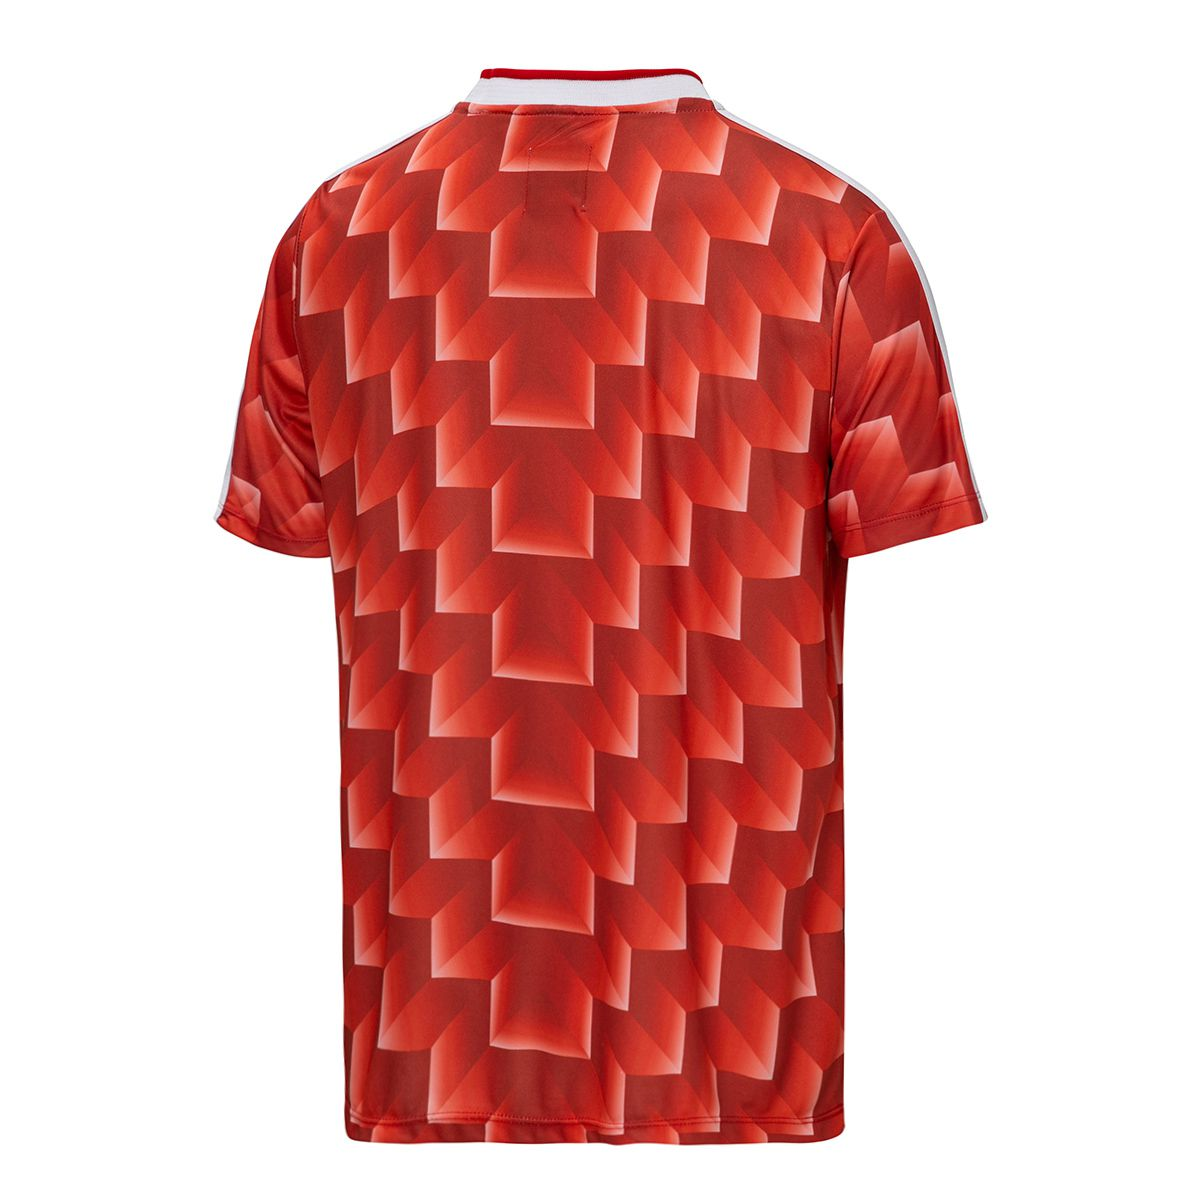 Camisa CCCP Retrô 1988 União Soviética